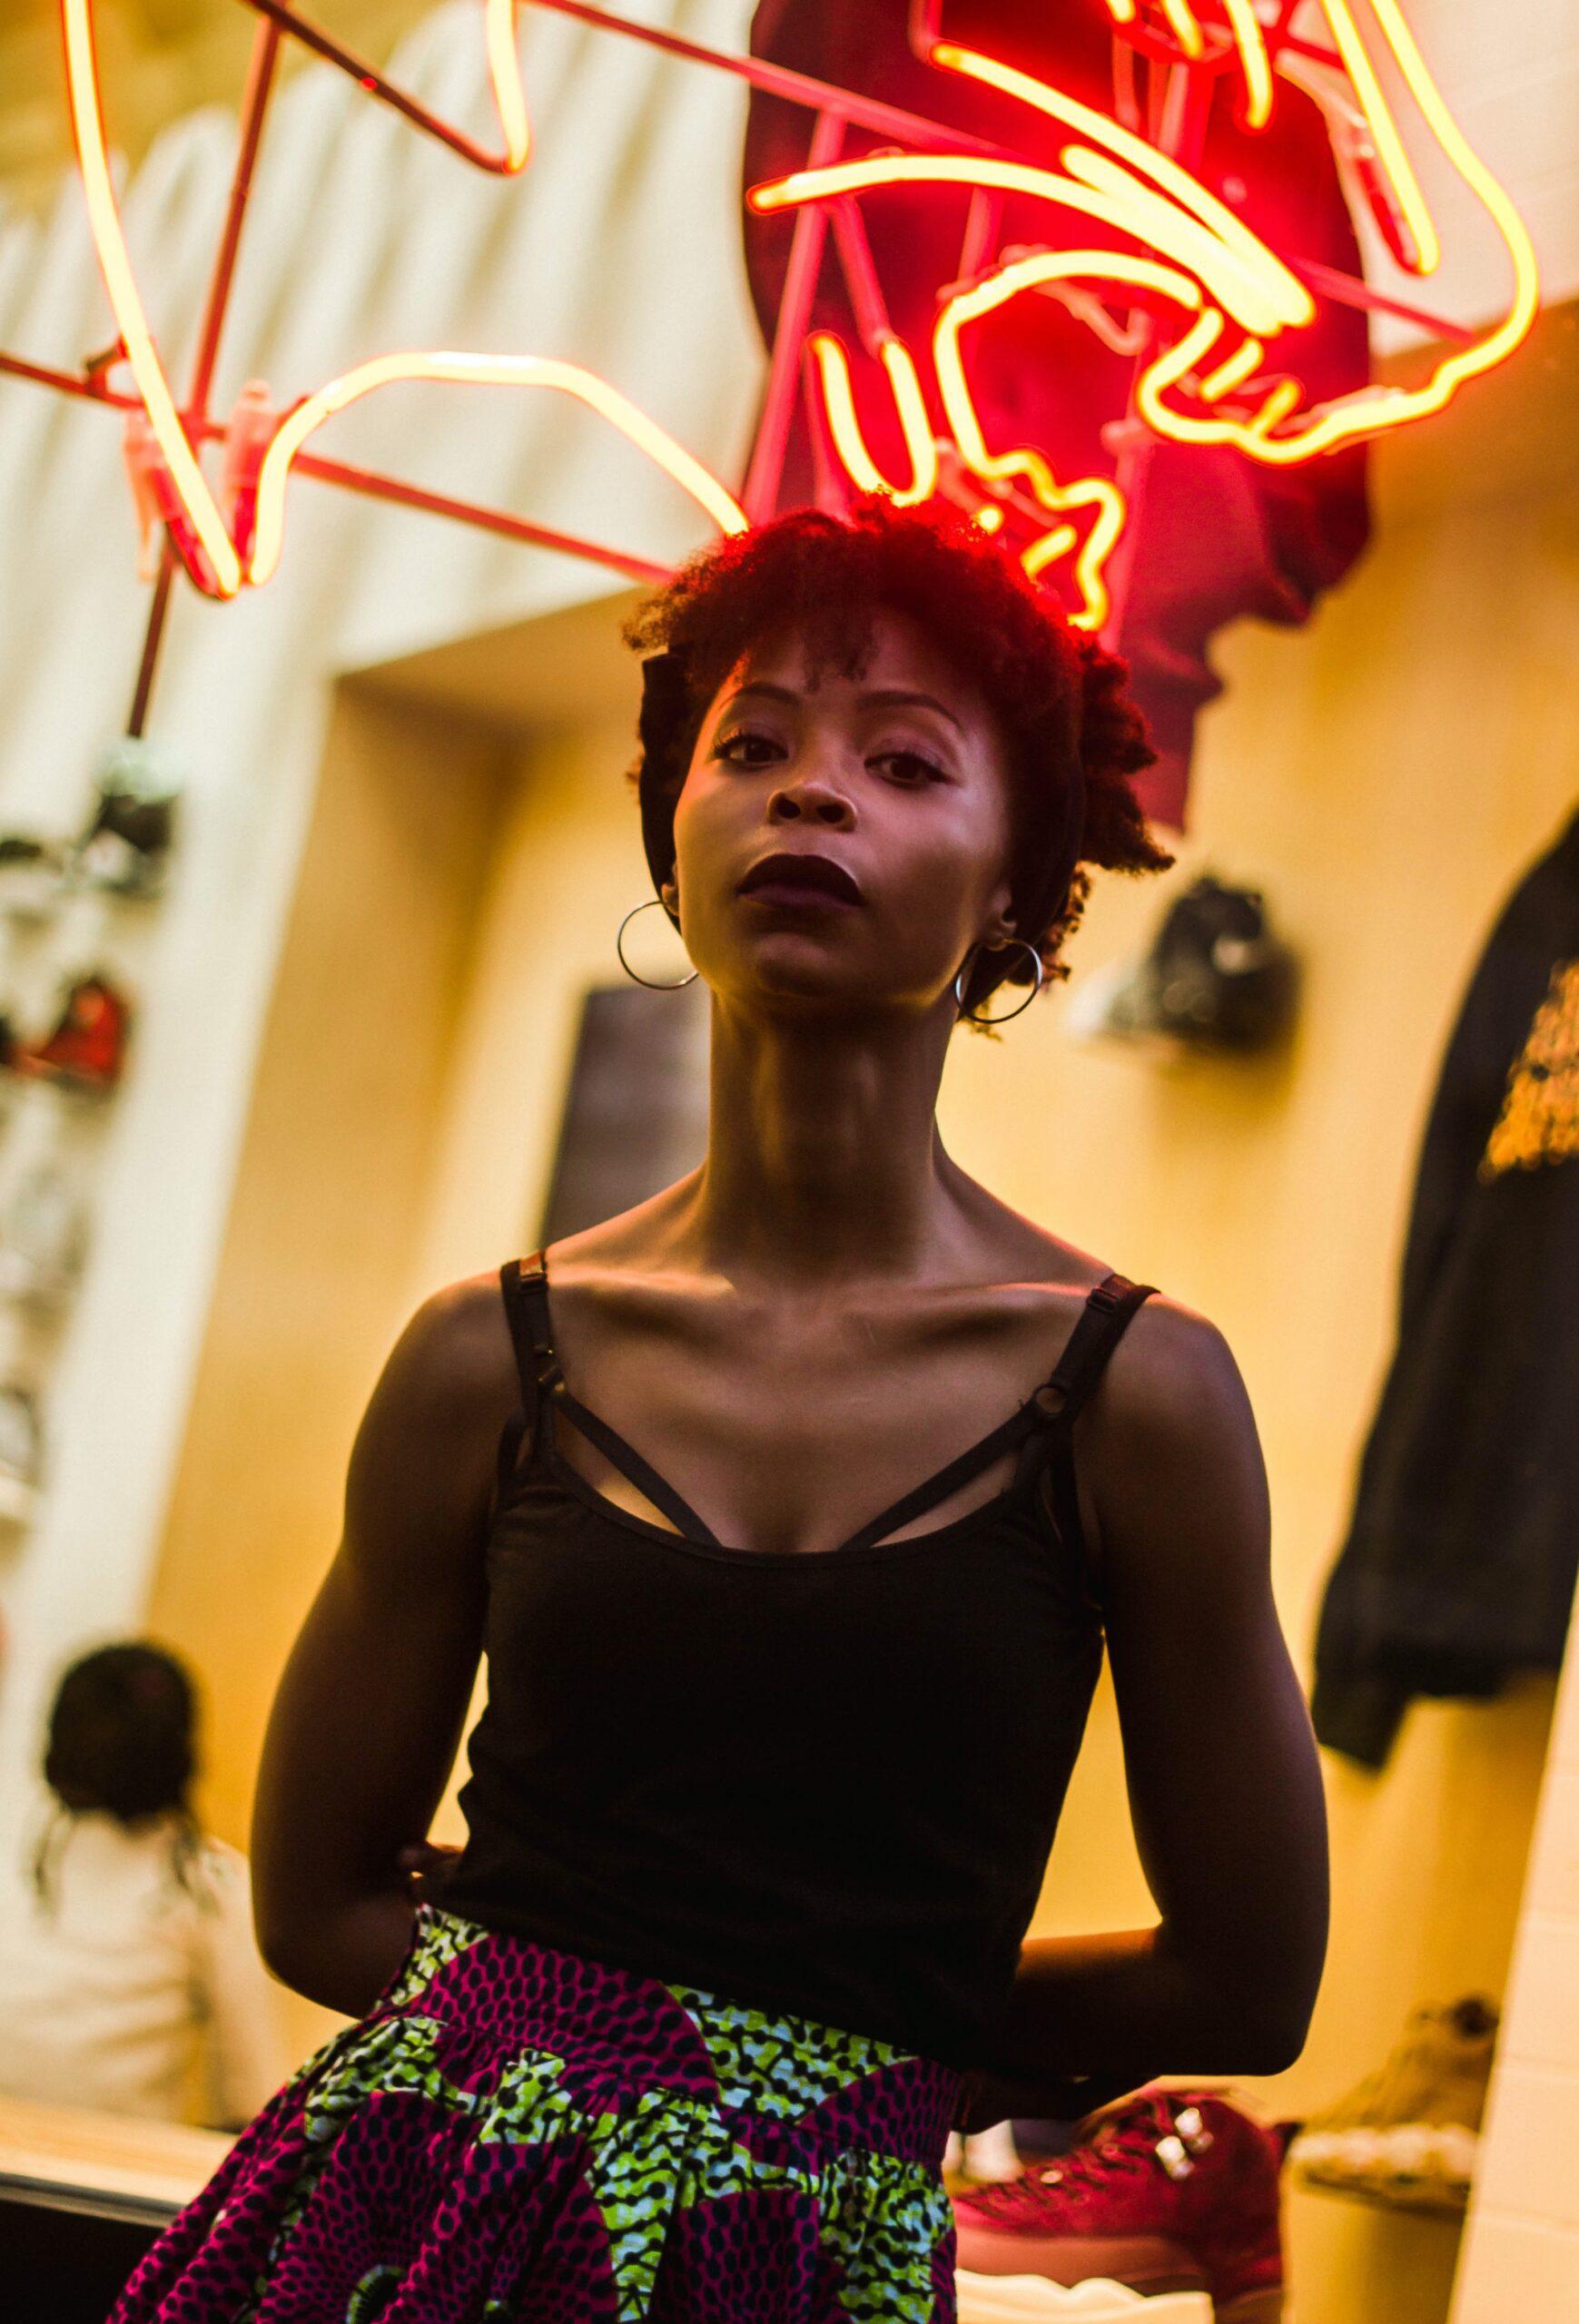 laura-thonne-Beautiful woman-unsplash